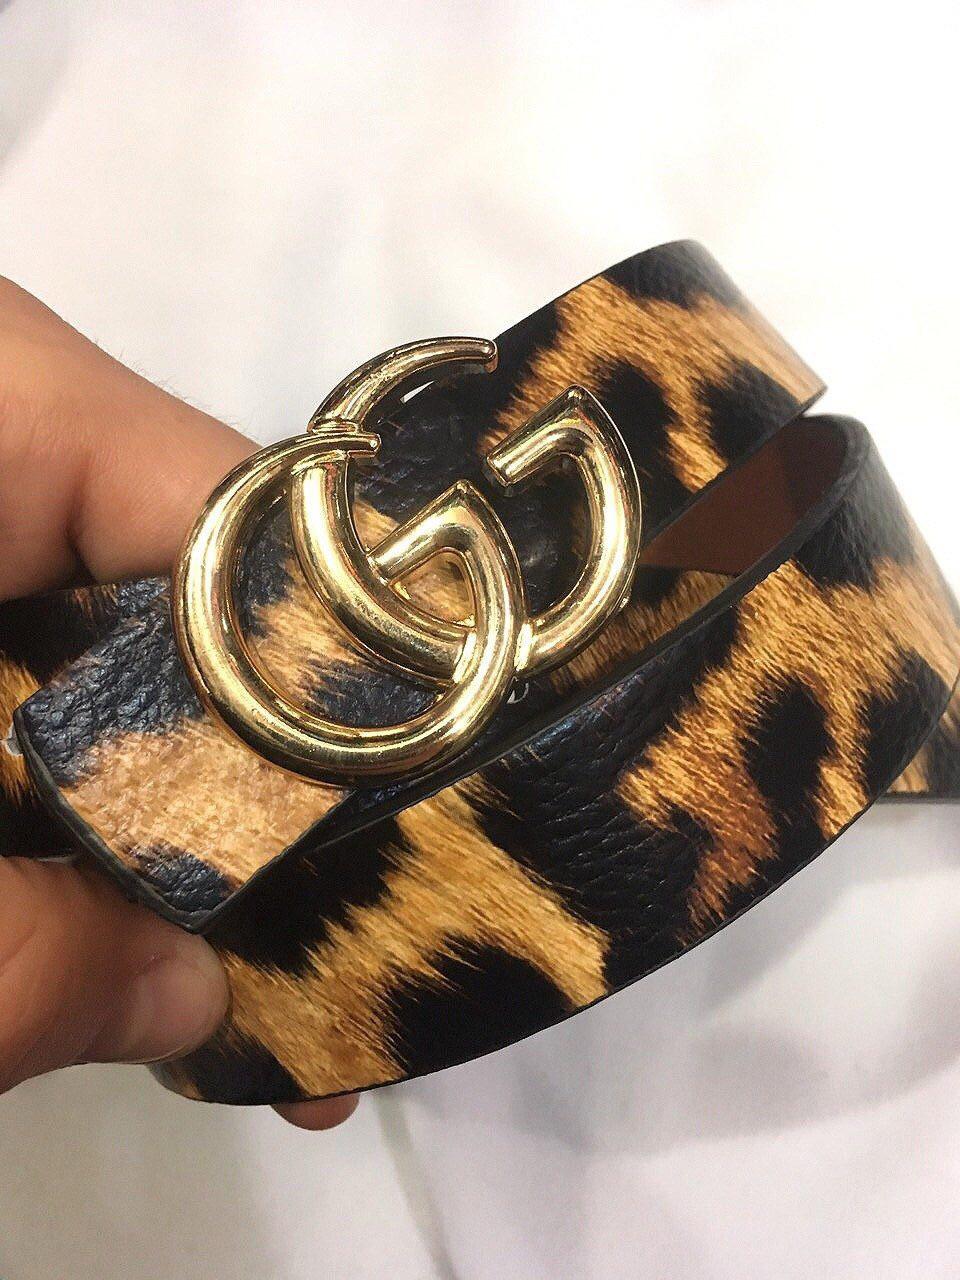 Пояс Ремень Gucci двусторонний (реплика Гучи) леопардовый